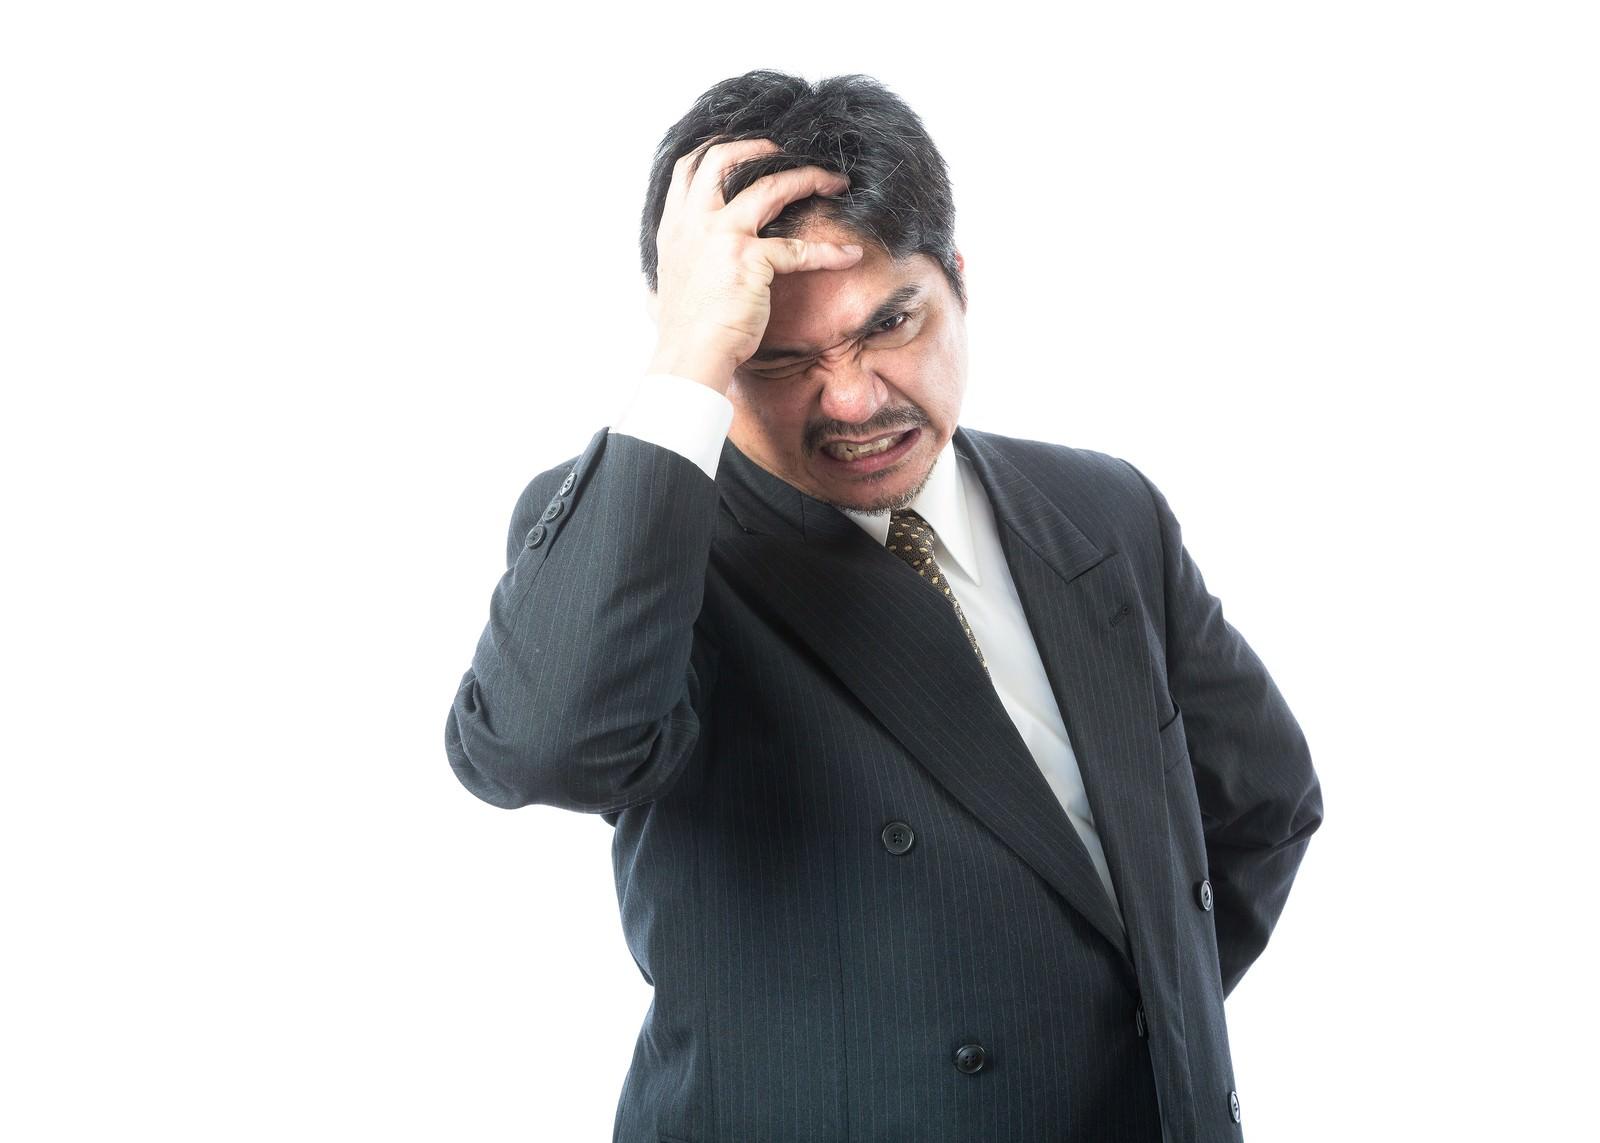 「手形不渡りが発生して頭を抱える経営者」[モデル:よたか]